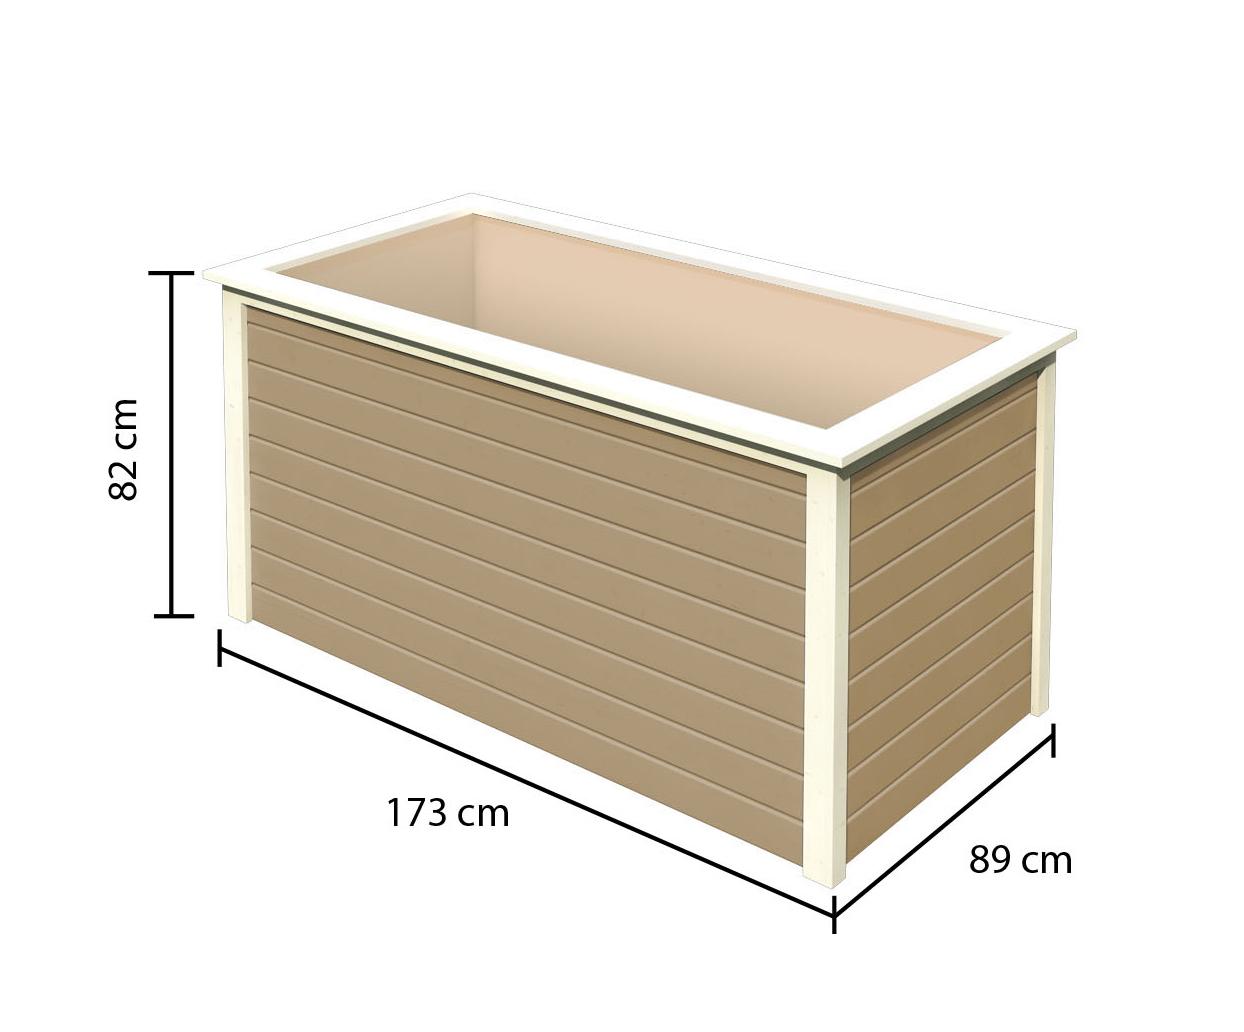 Hochbeet 19 mm Karibu 2 sandbeige 173x89x82cm Bild 3